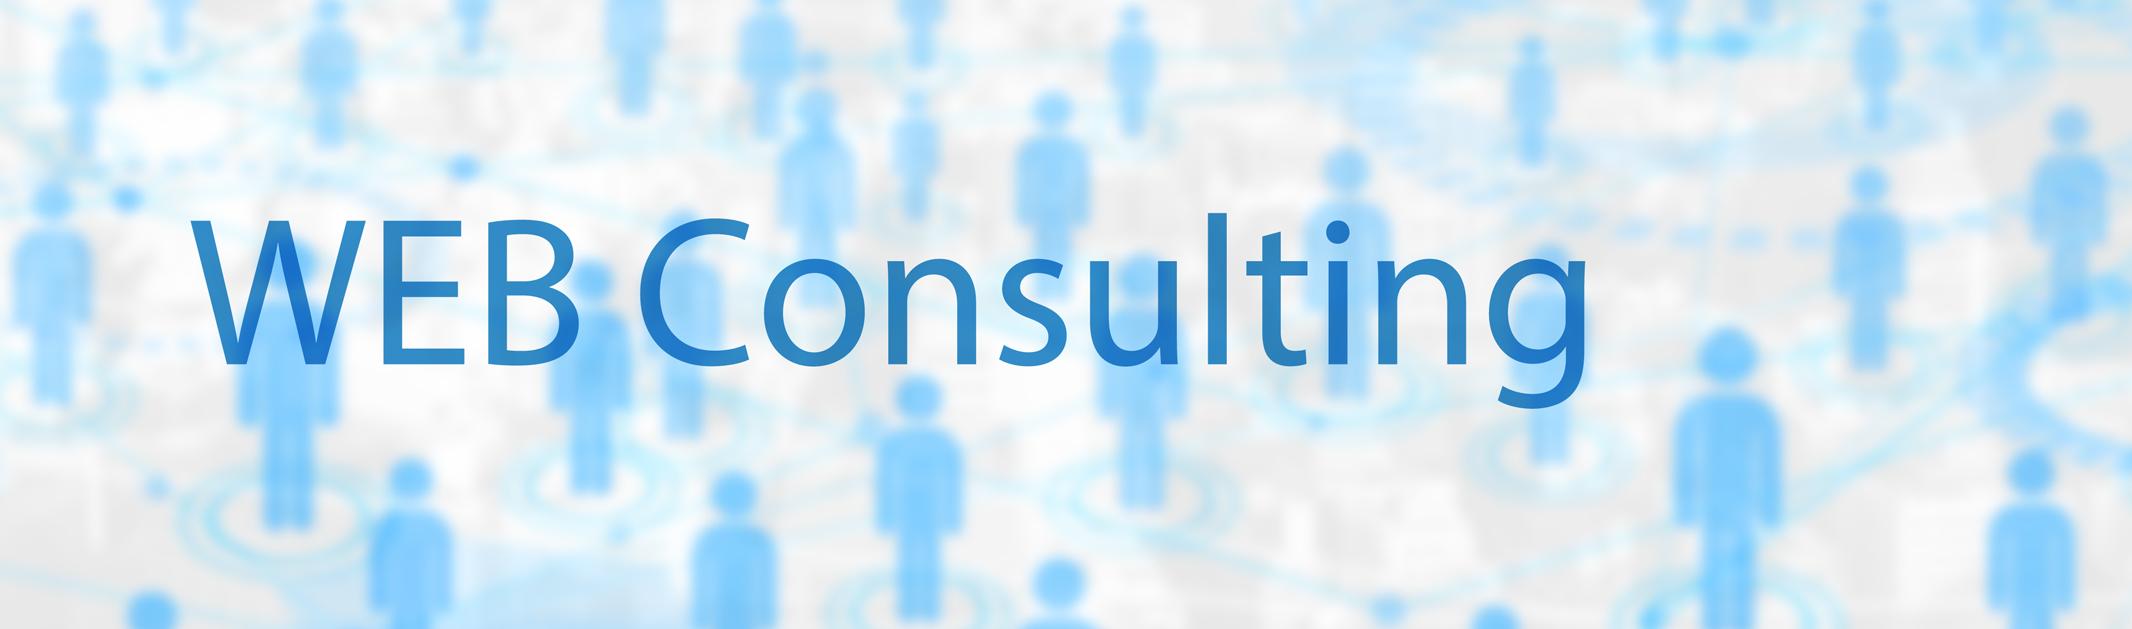 web consulting - ウェブコンサルティング